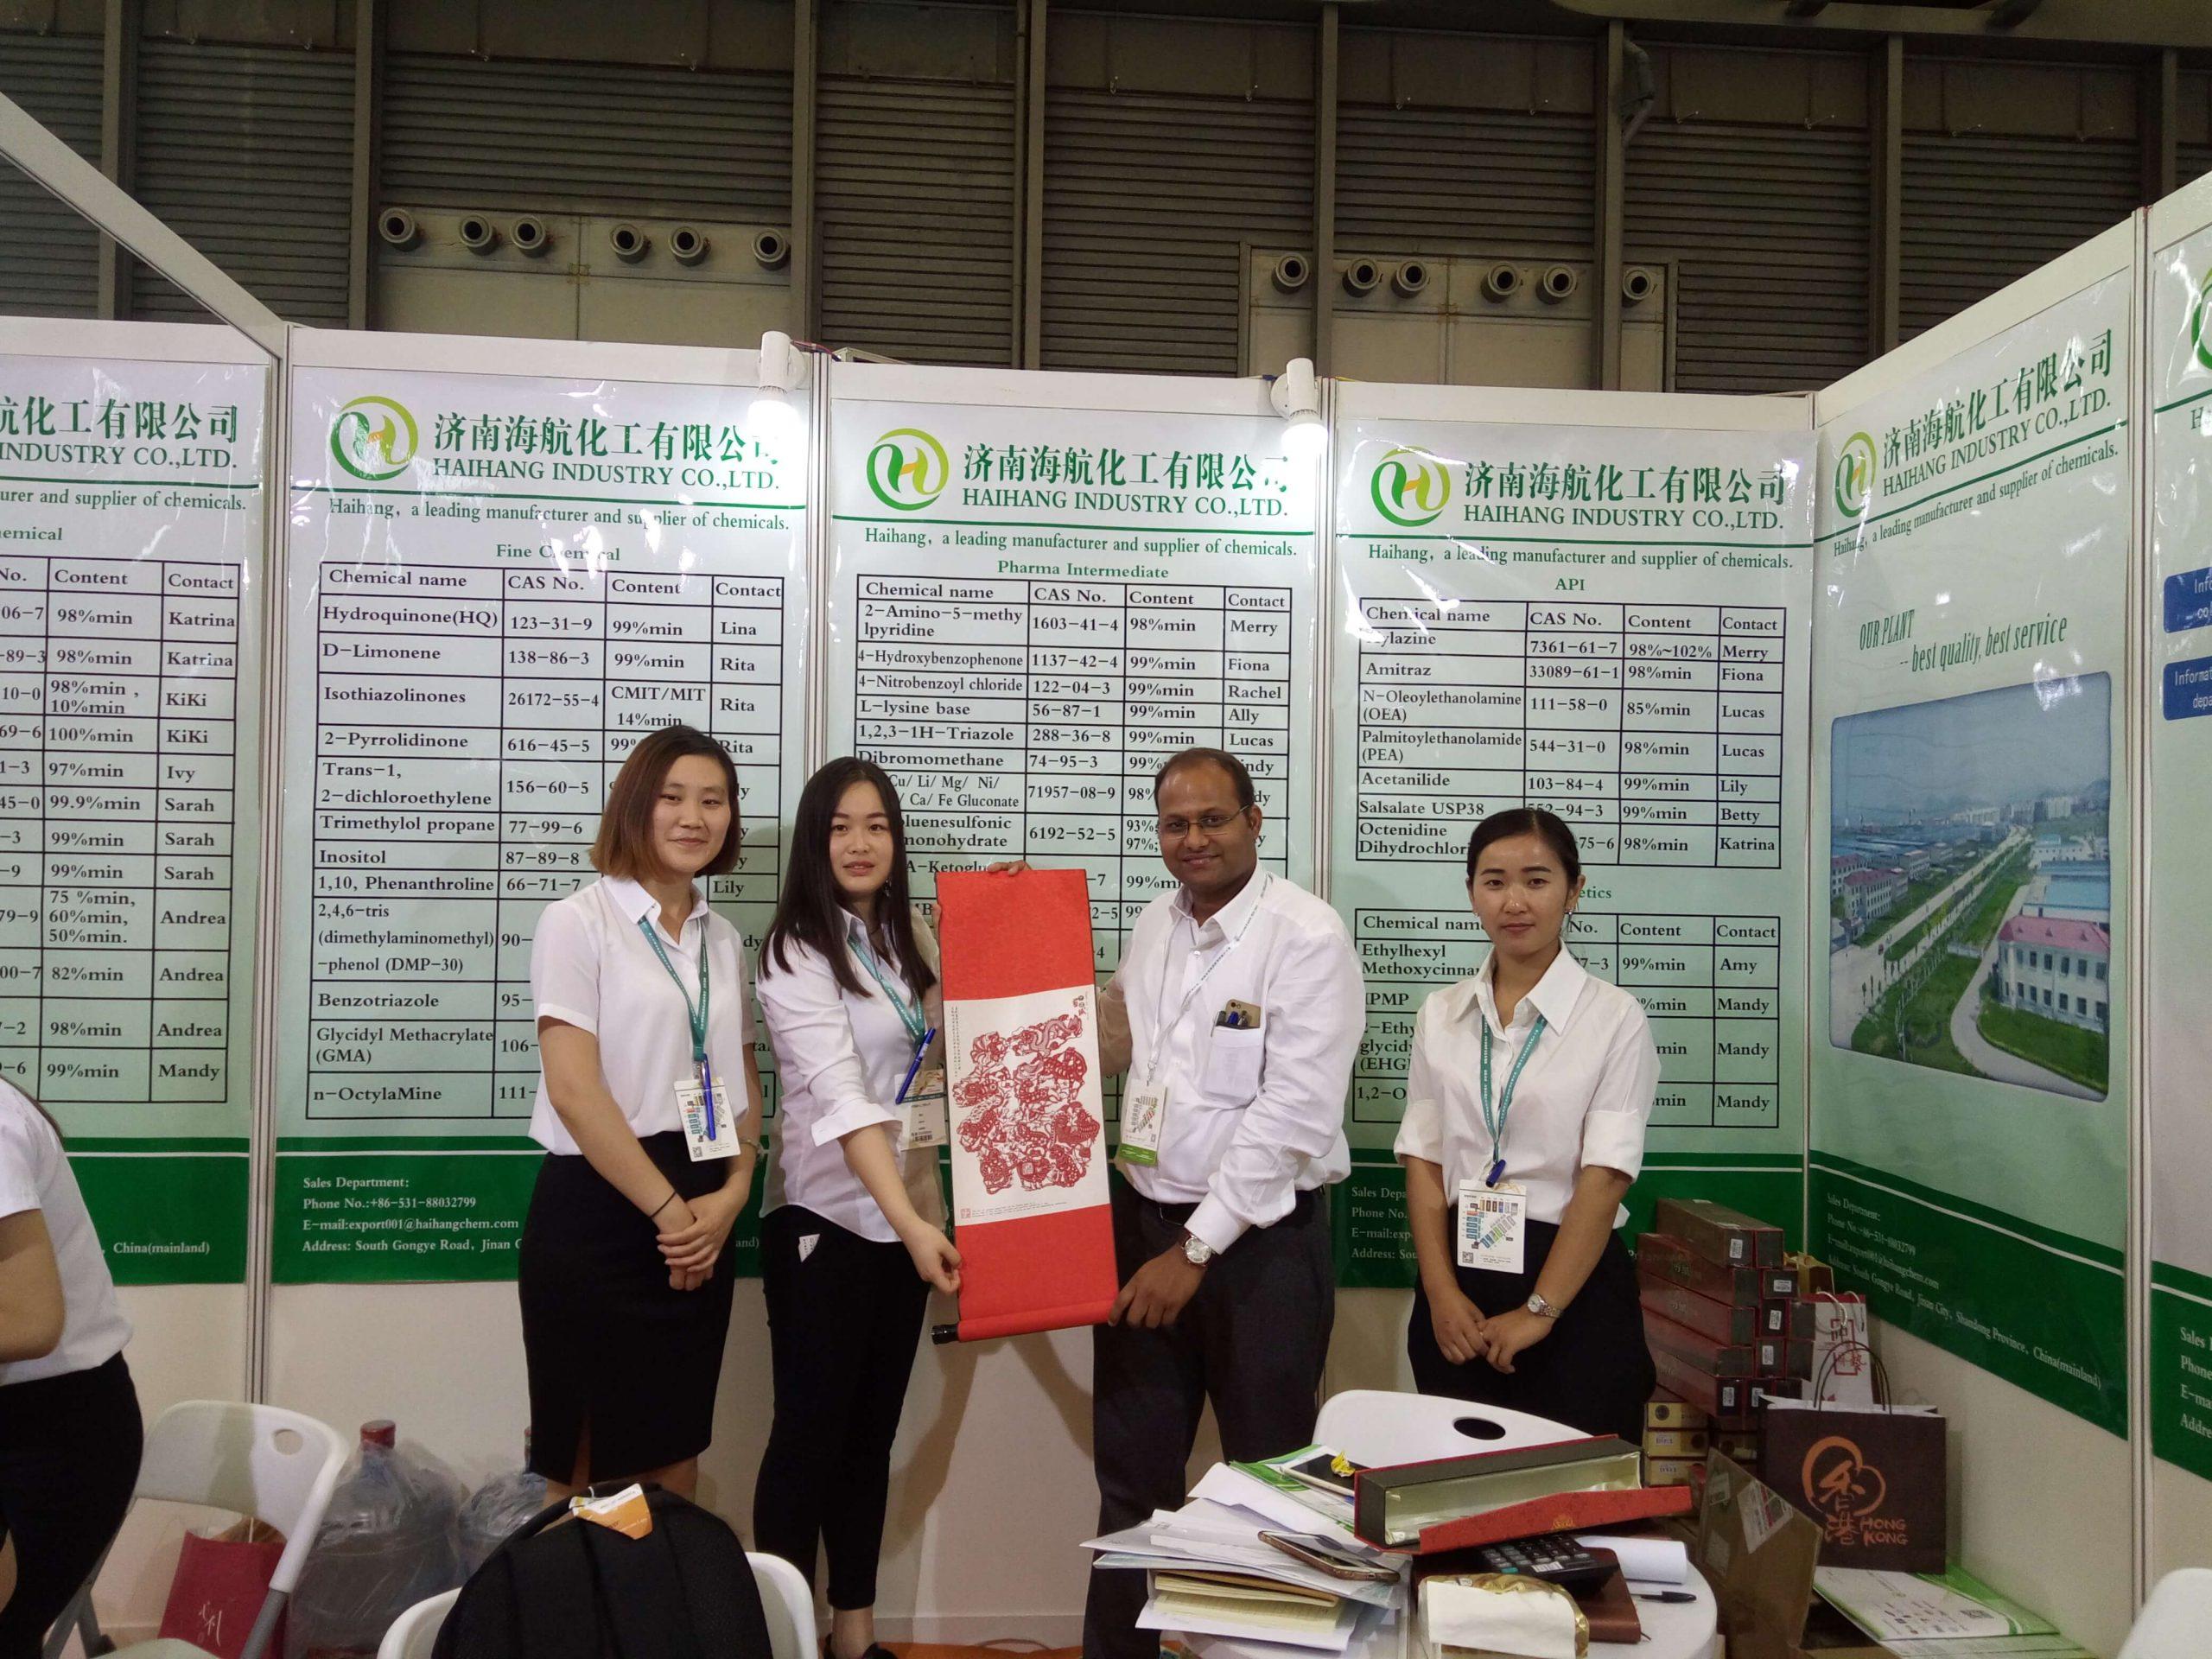 CPhI & P-MEC China 2017 (1)